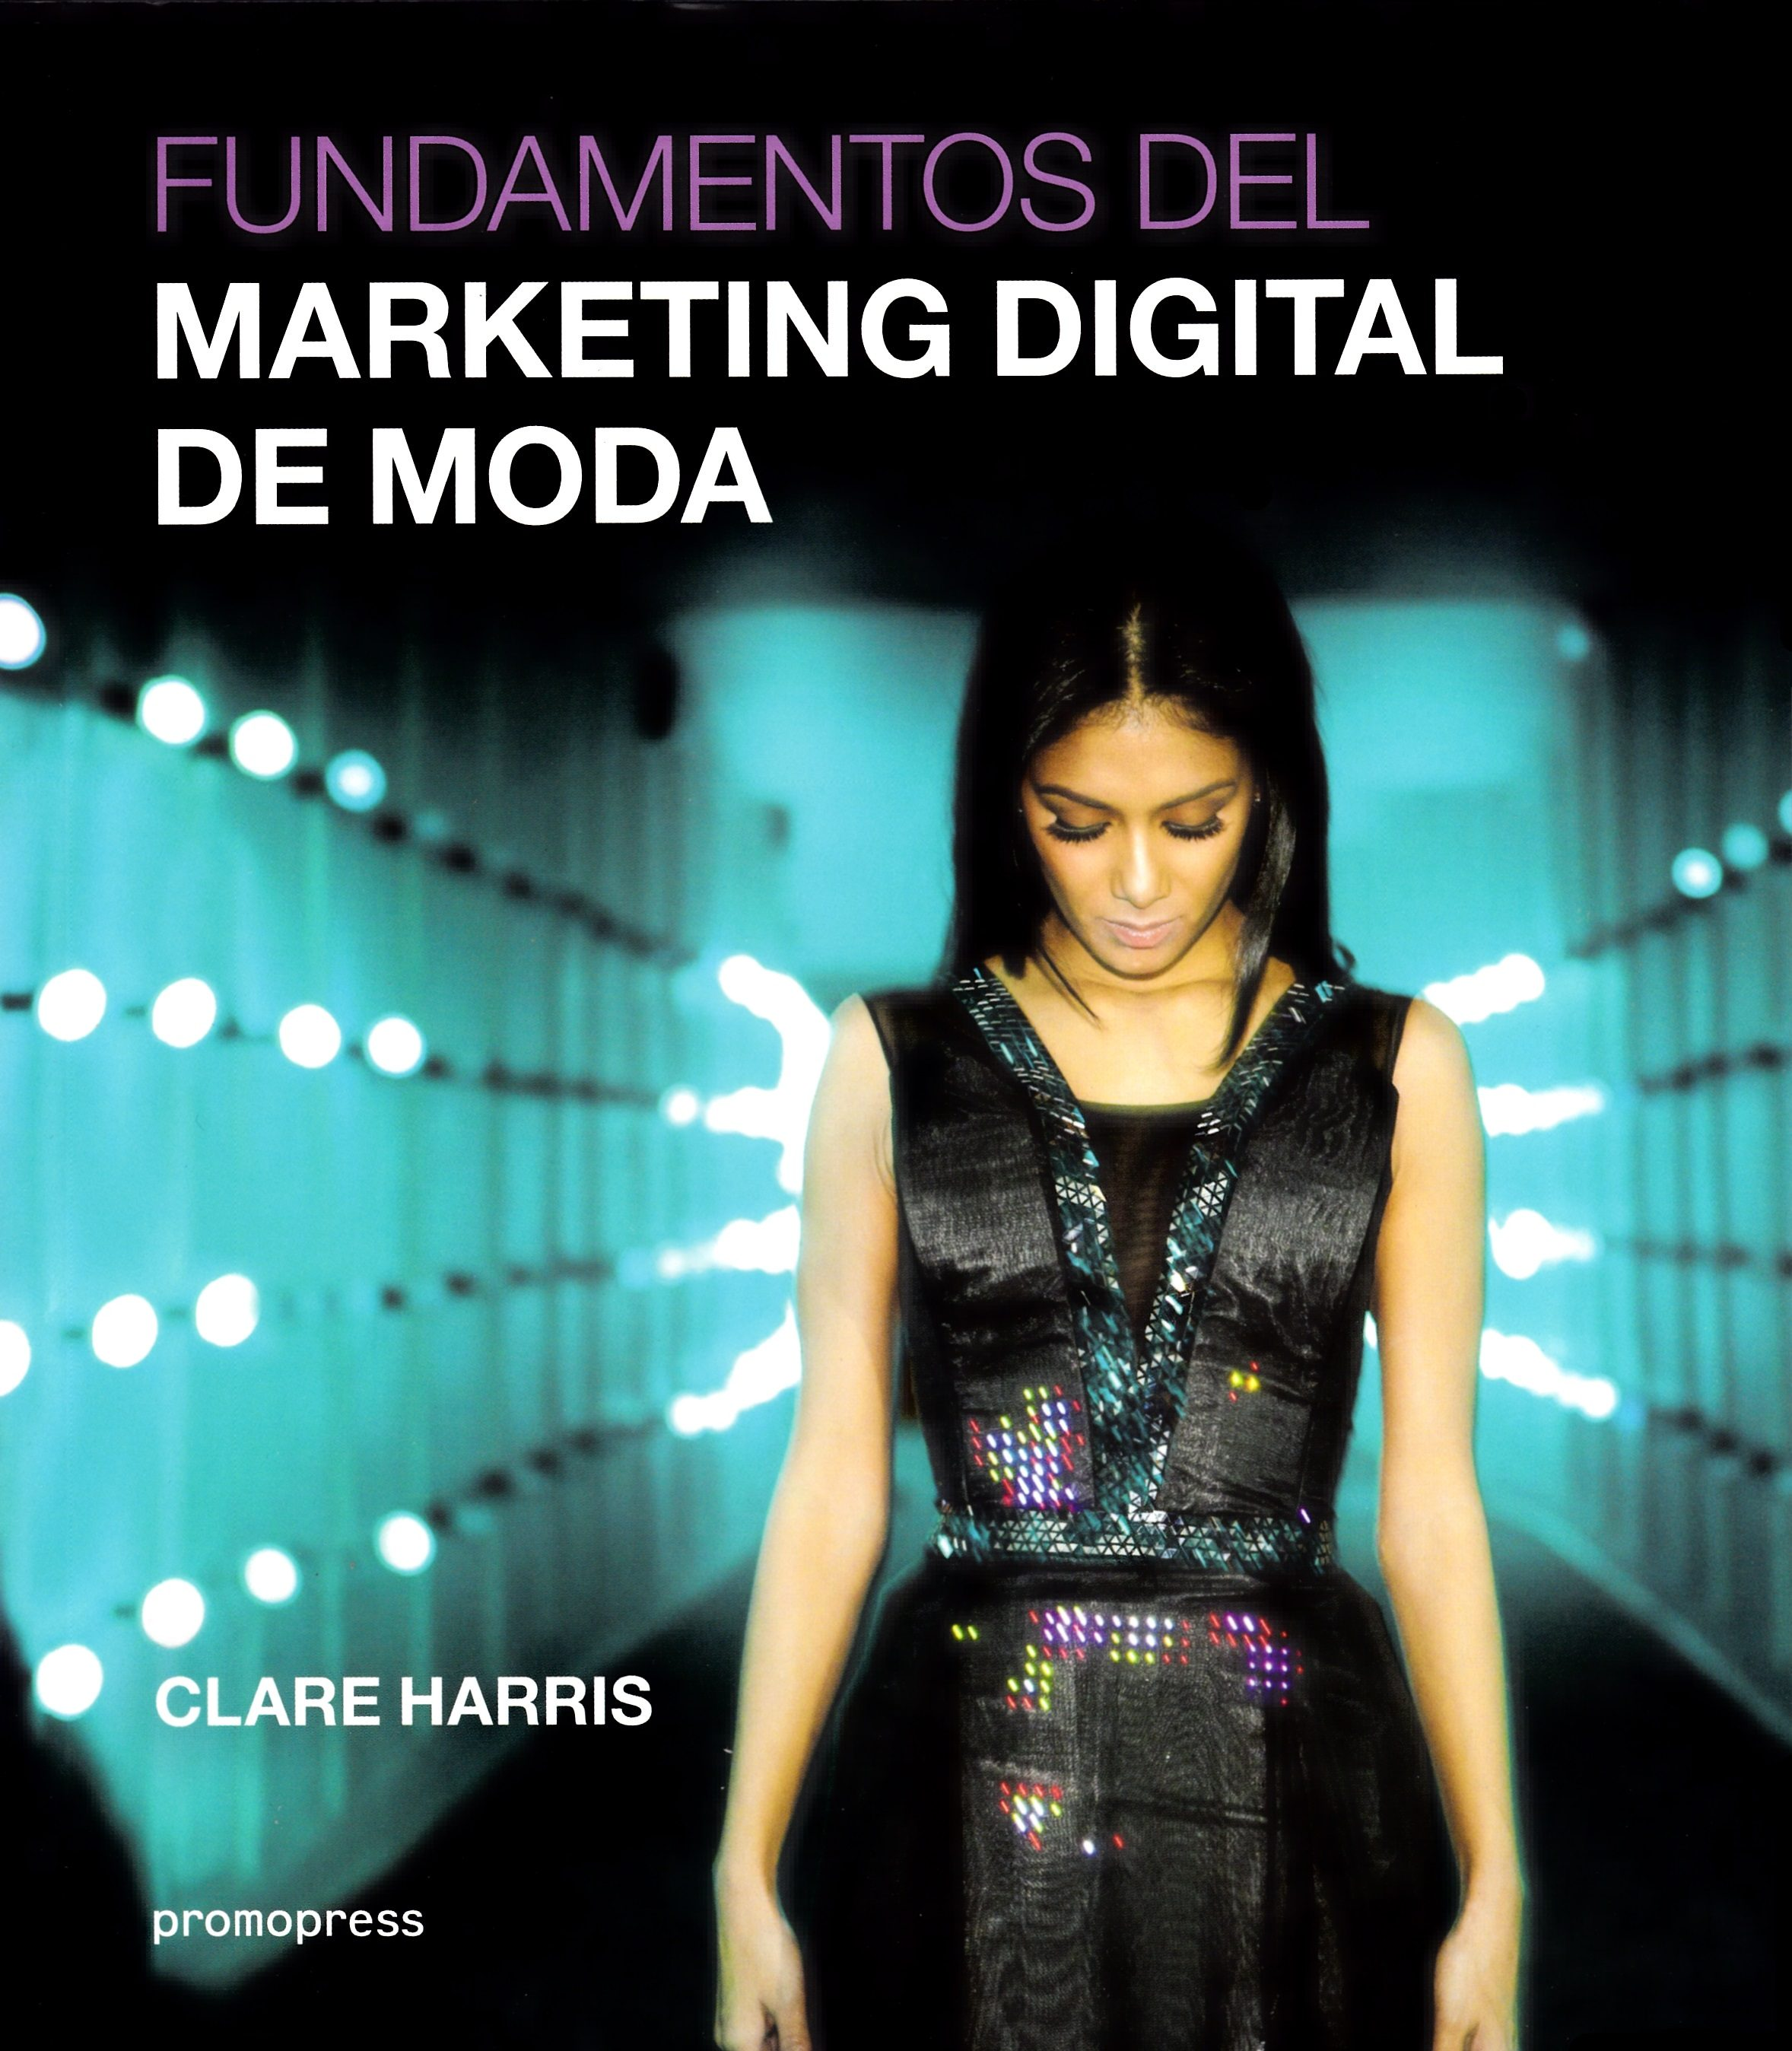 Fundamentos Del Marketing Digital De Moda por Clare Harris